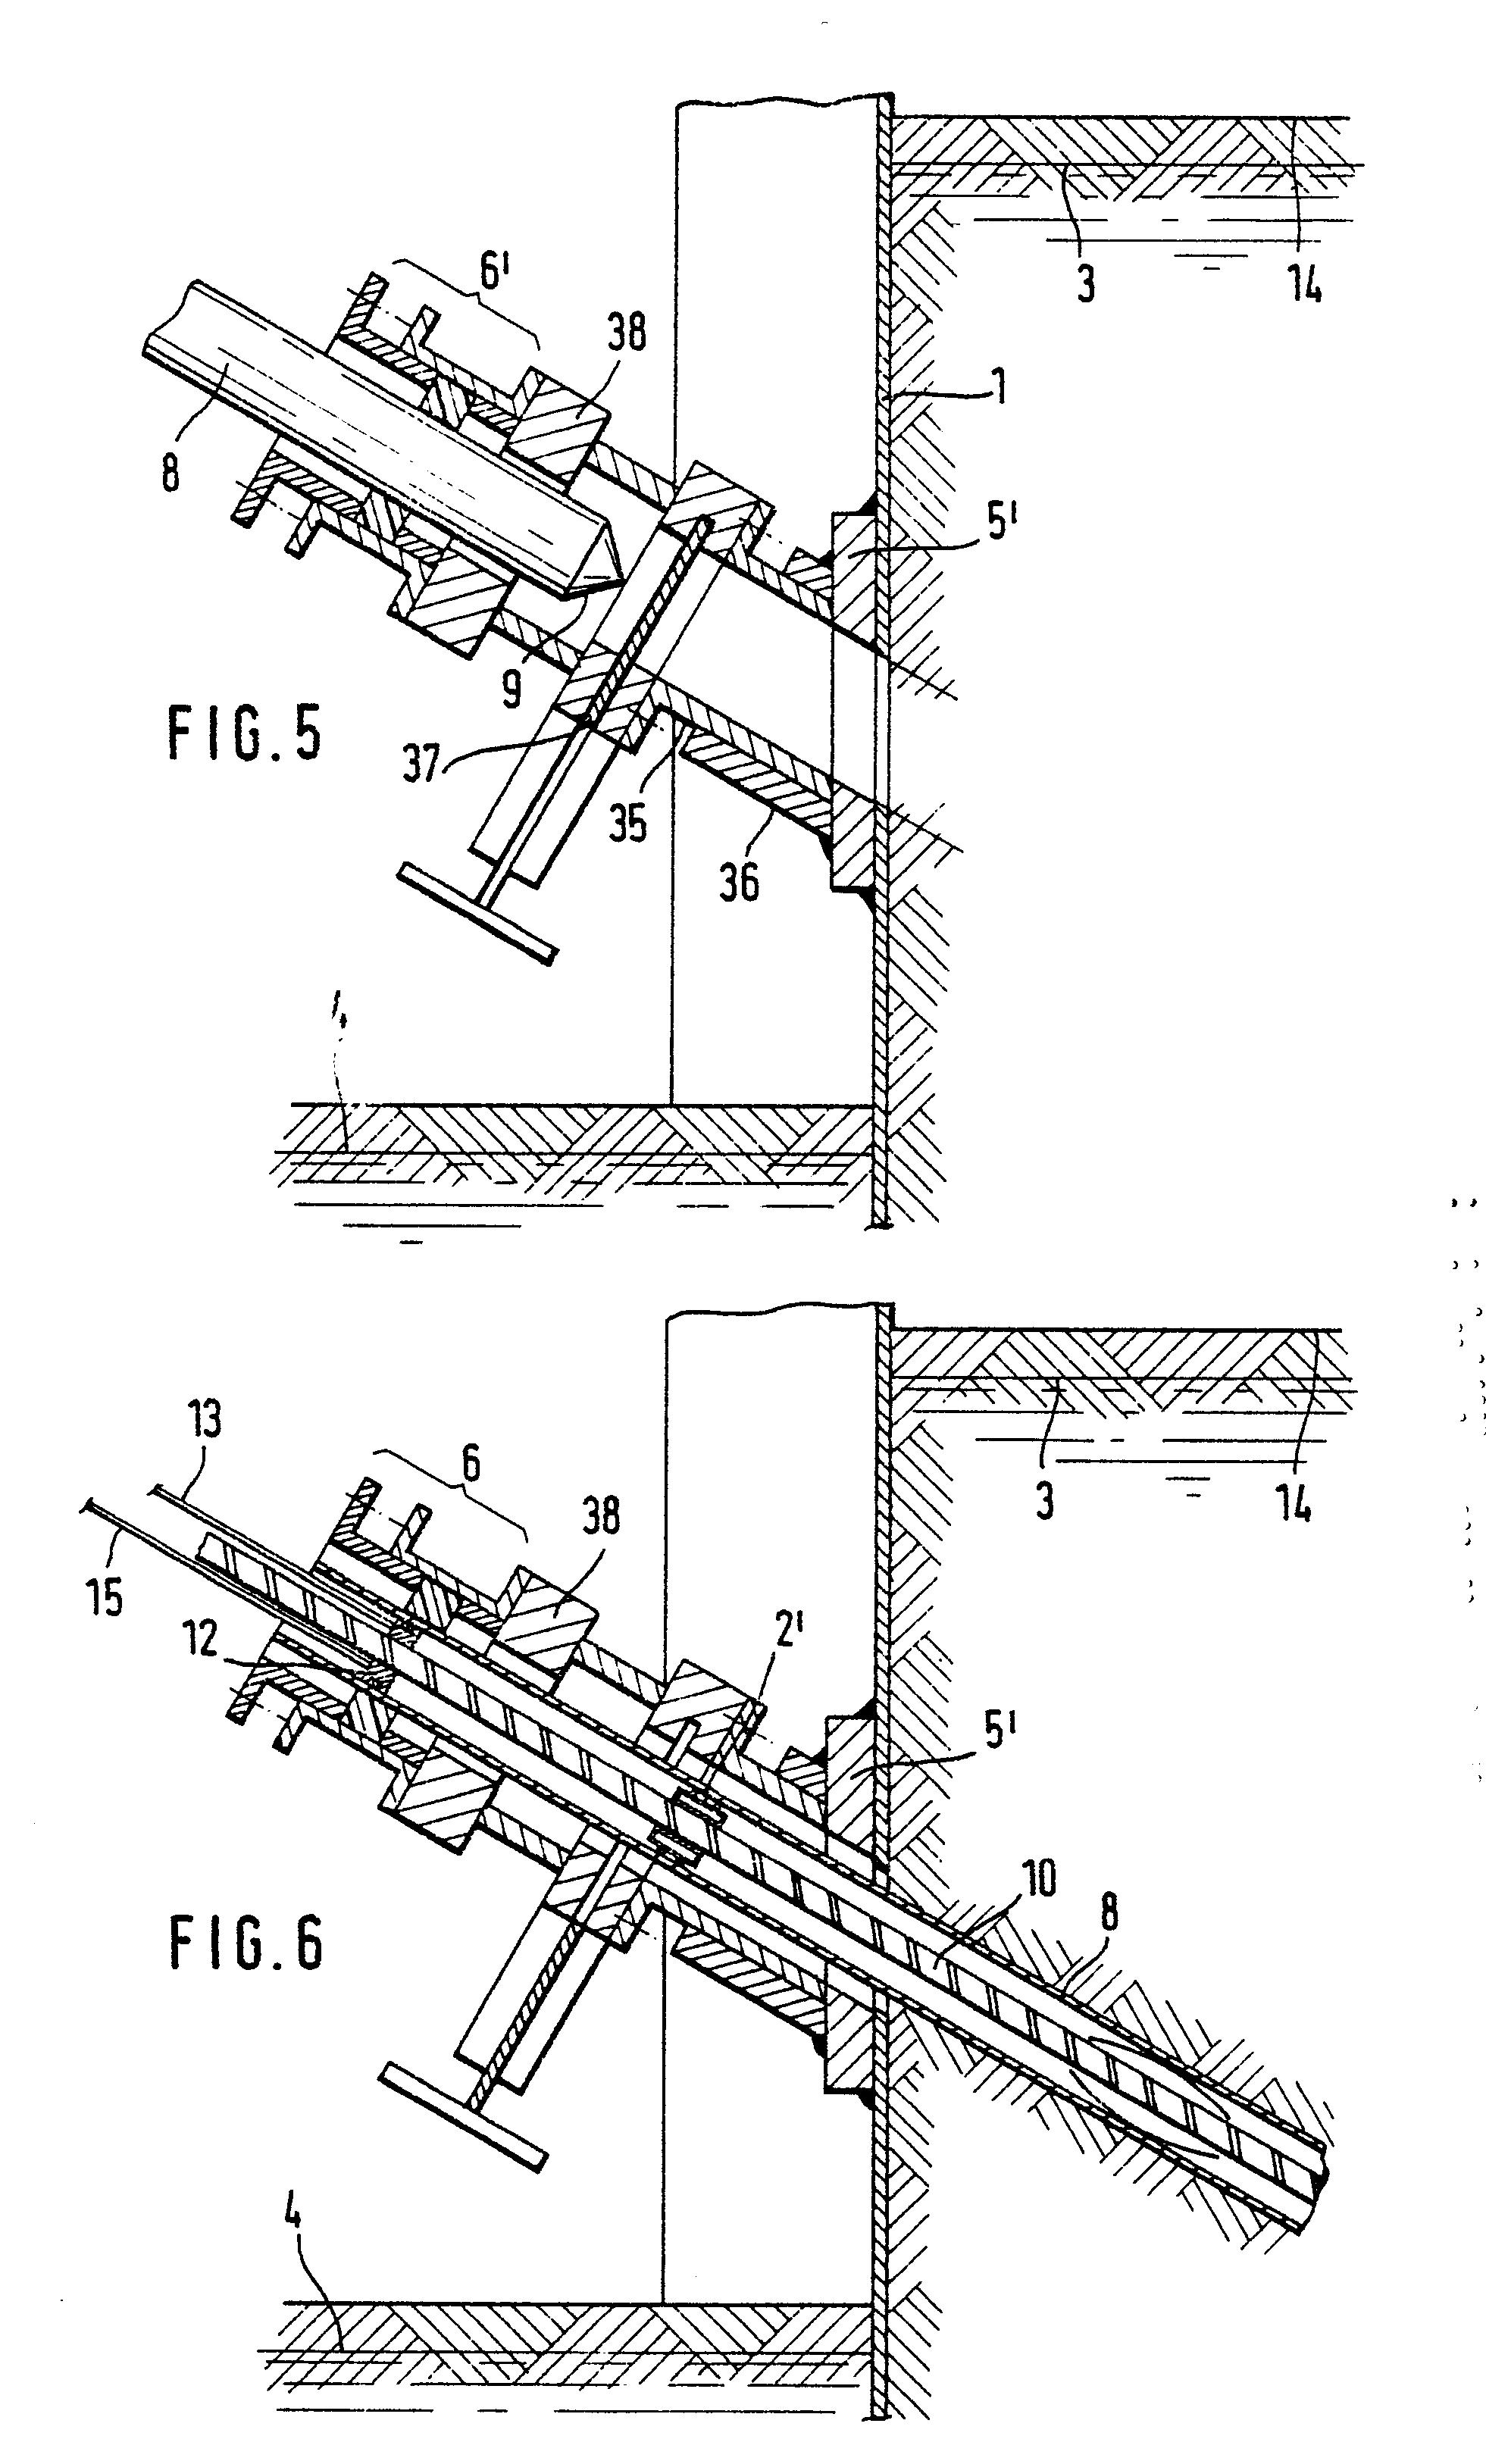 patent ep0218987a2 verfahren zum setzen eines einbauteils durch eine spundwand in eine. Black Bedroom Furniture Sets. Home Design Ideas